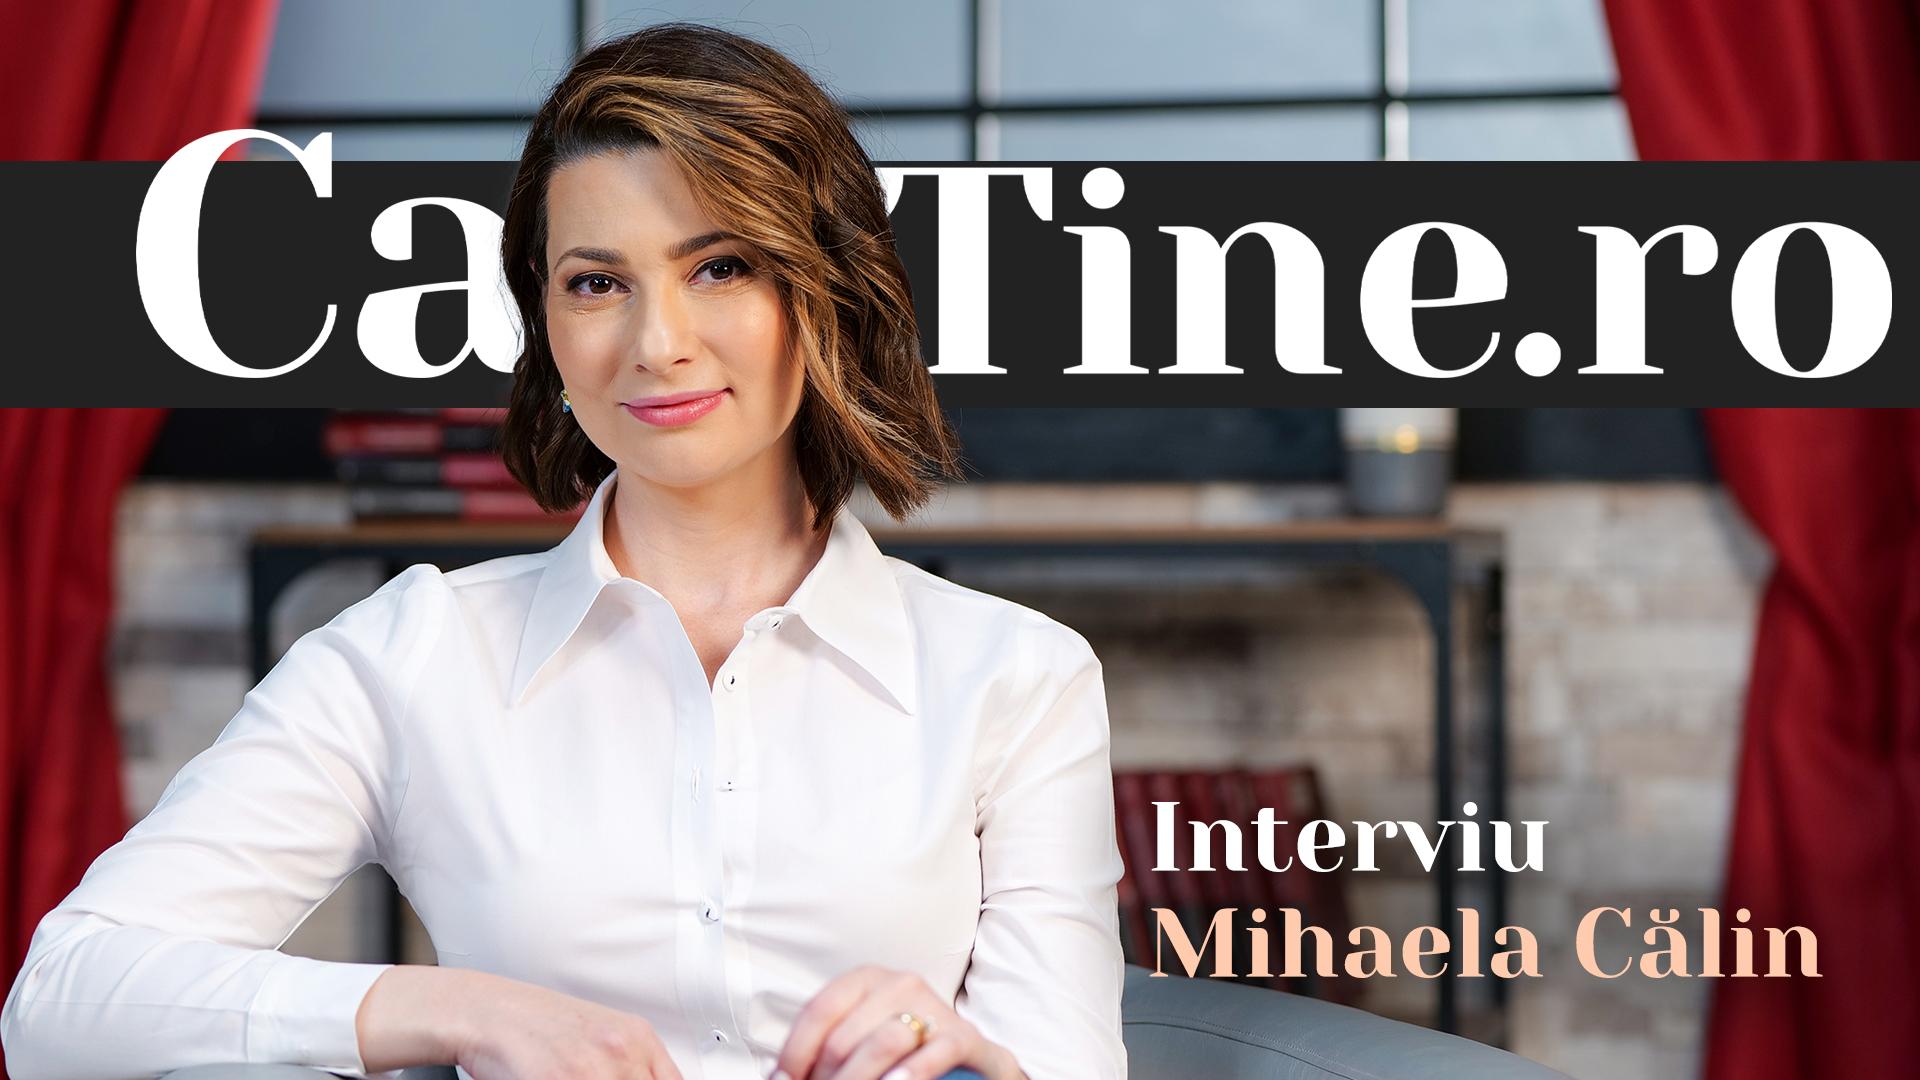 CaTine.Ro - Interviu Mihaela Călin - Profesionistă